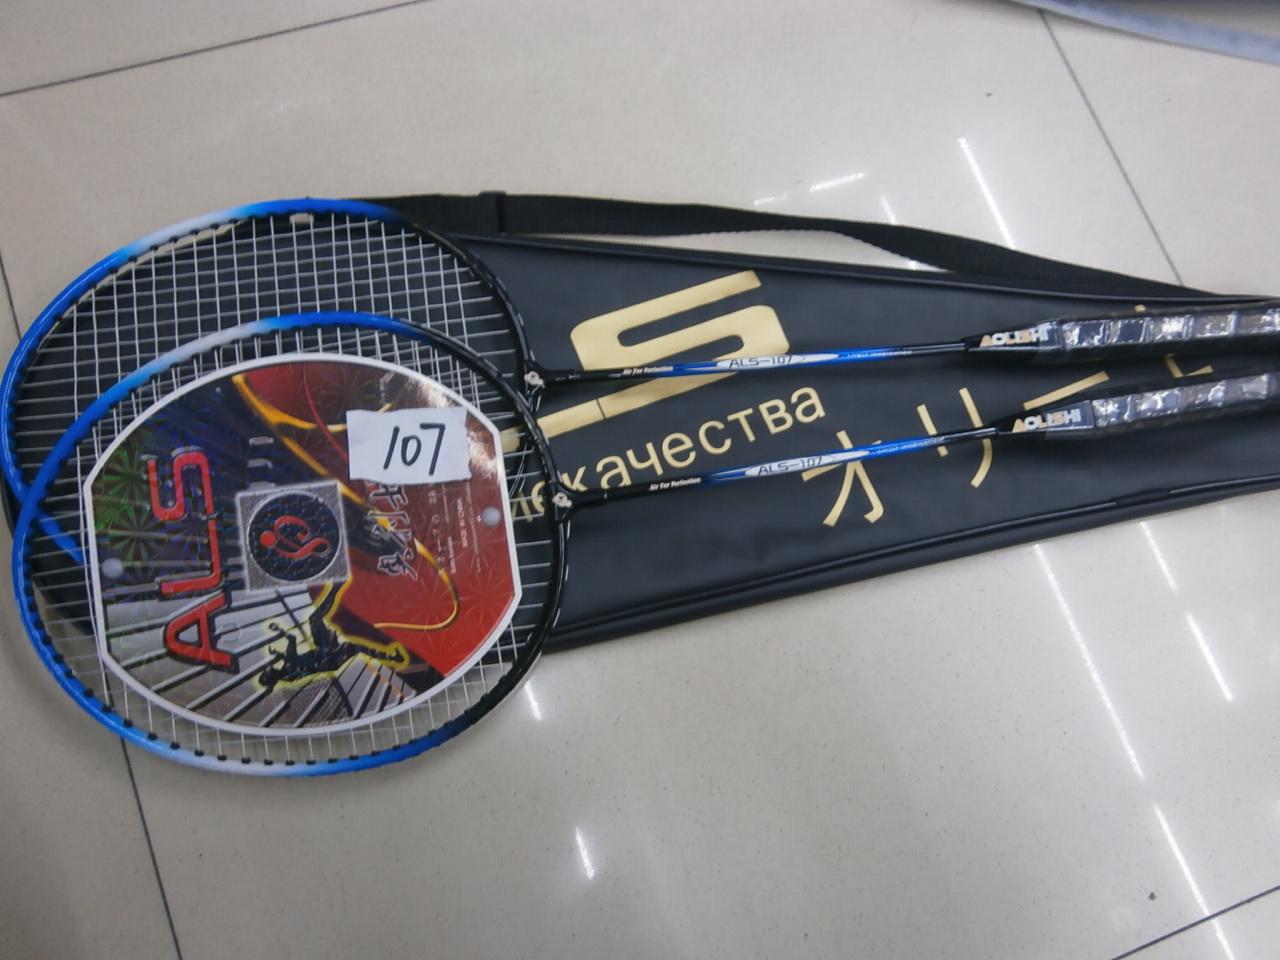 Jual Raket Badminton Als 107 Bulutangkis Cock Isi Dua Cover Pusat Distributor Tokopedia